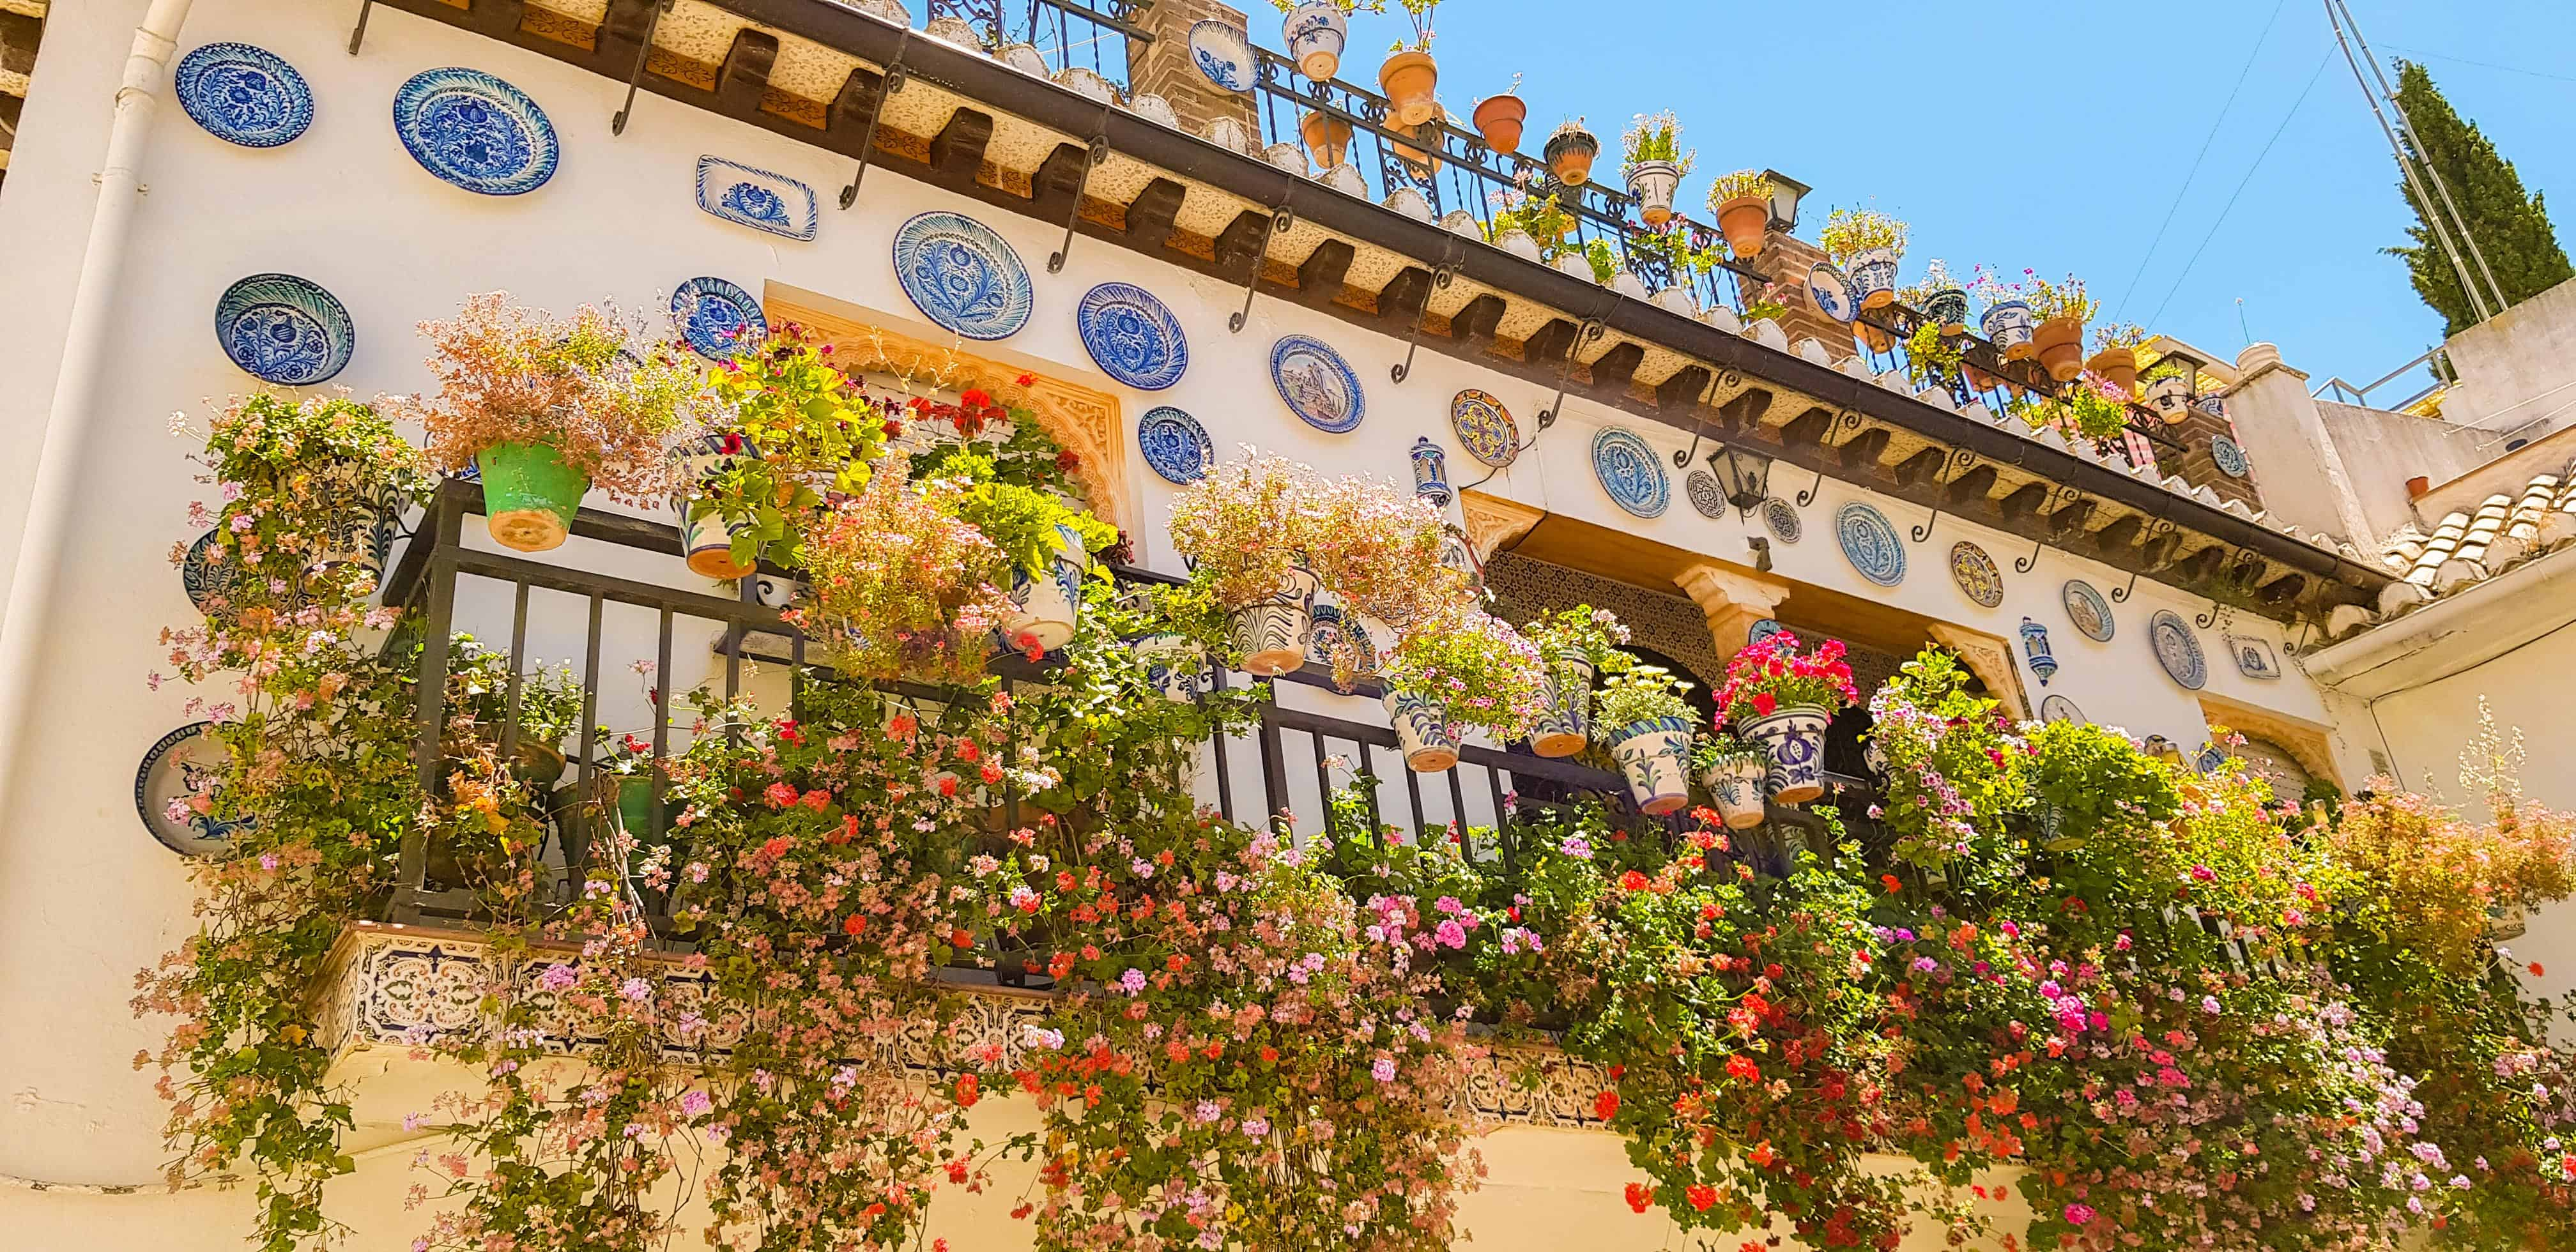 Spaanse muur - HappyHikers